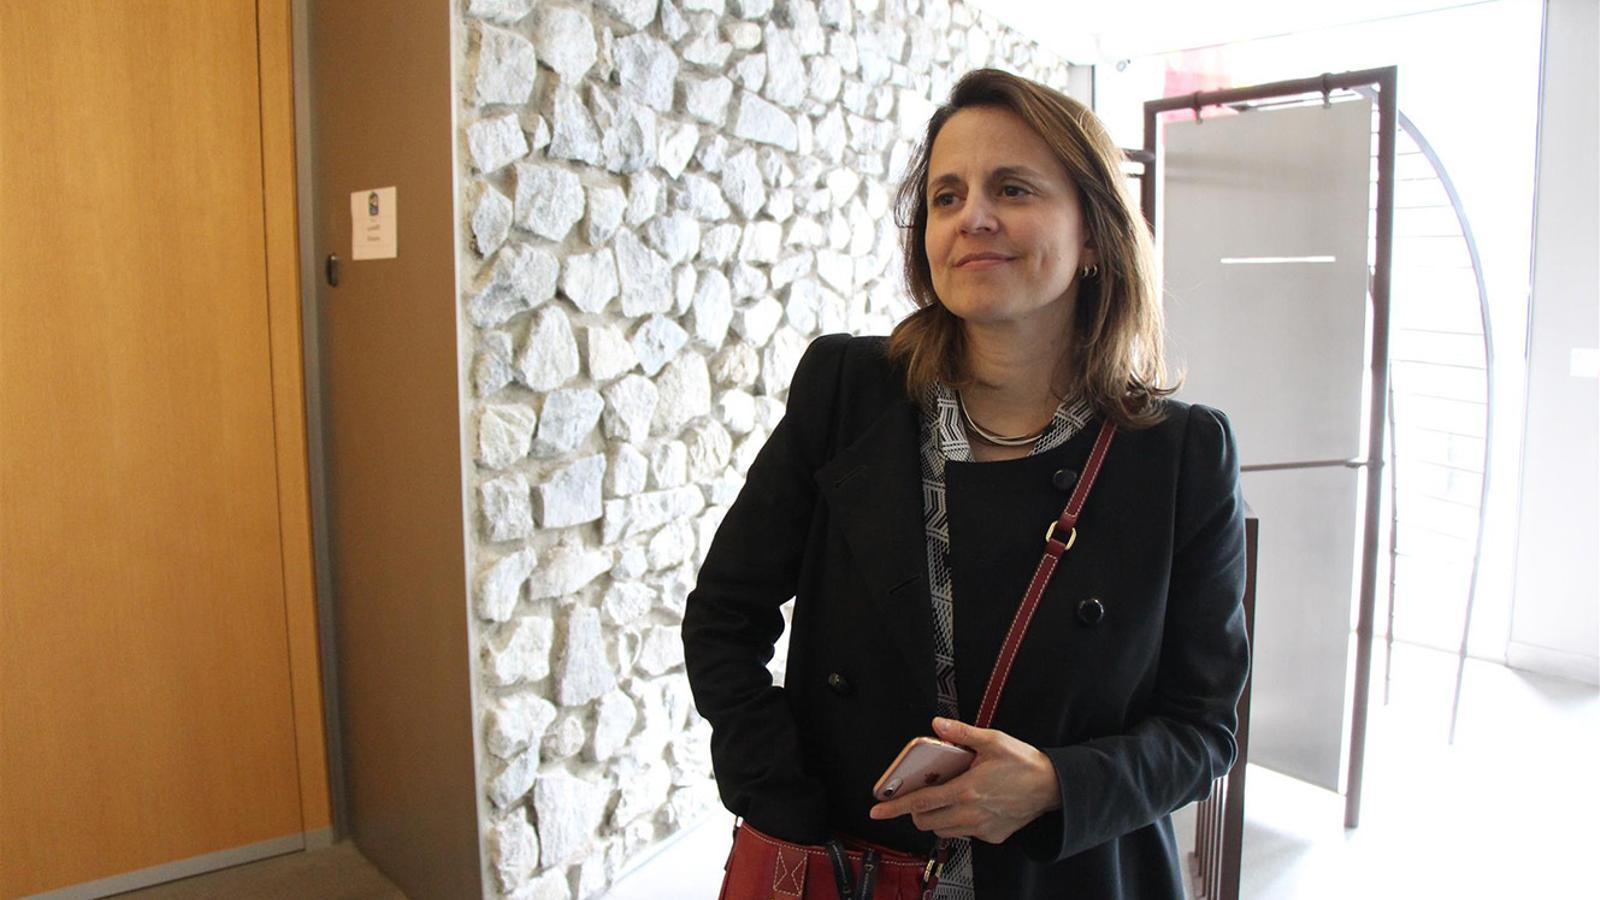 La consellera del PS, Rosa Gili aquest dijous al Consell General. M. T.